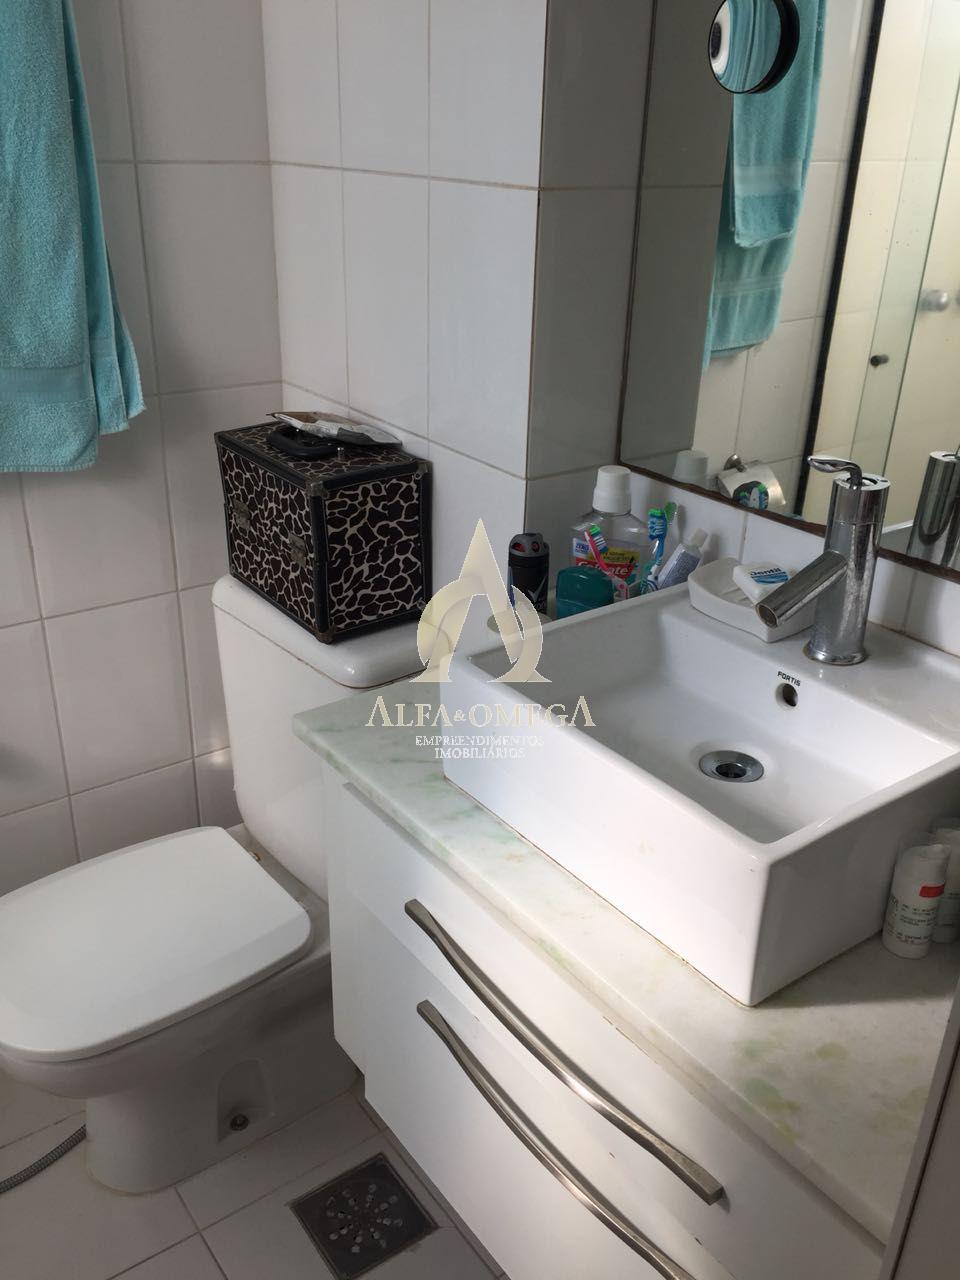 FOTO 20 - Apartamento 2 quartos para venda e aluguel Barra da Tijuca, Rio de Janeiro - R$ 770.000 - AOMH20321 - 21